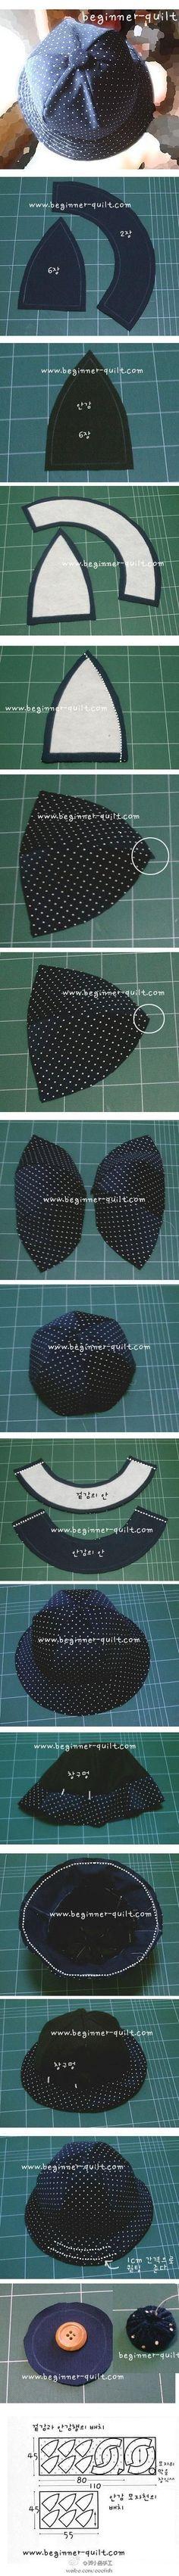 DIY Hats : DIY hat